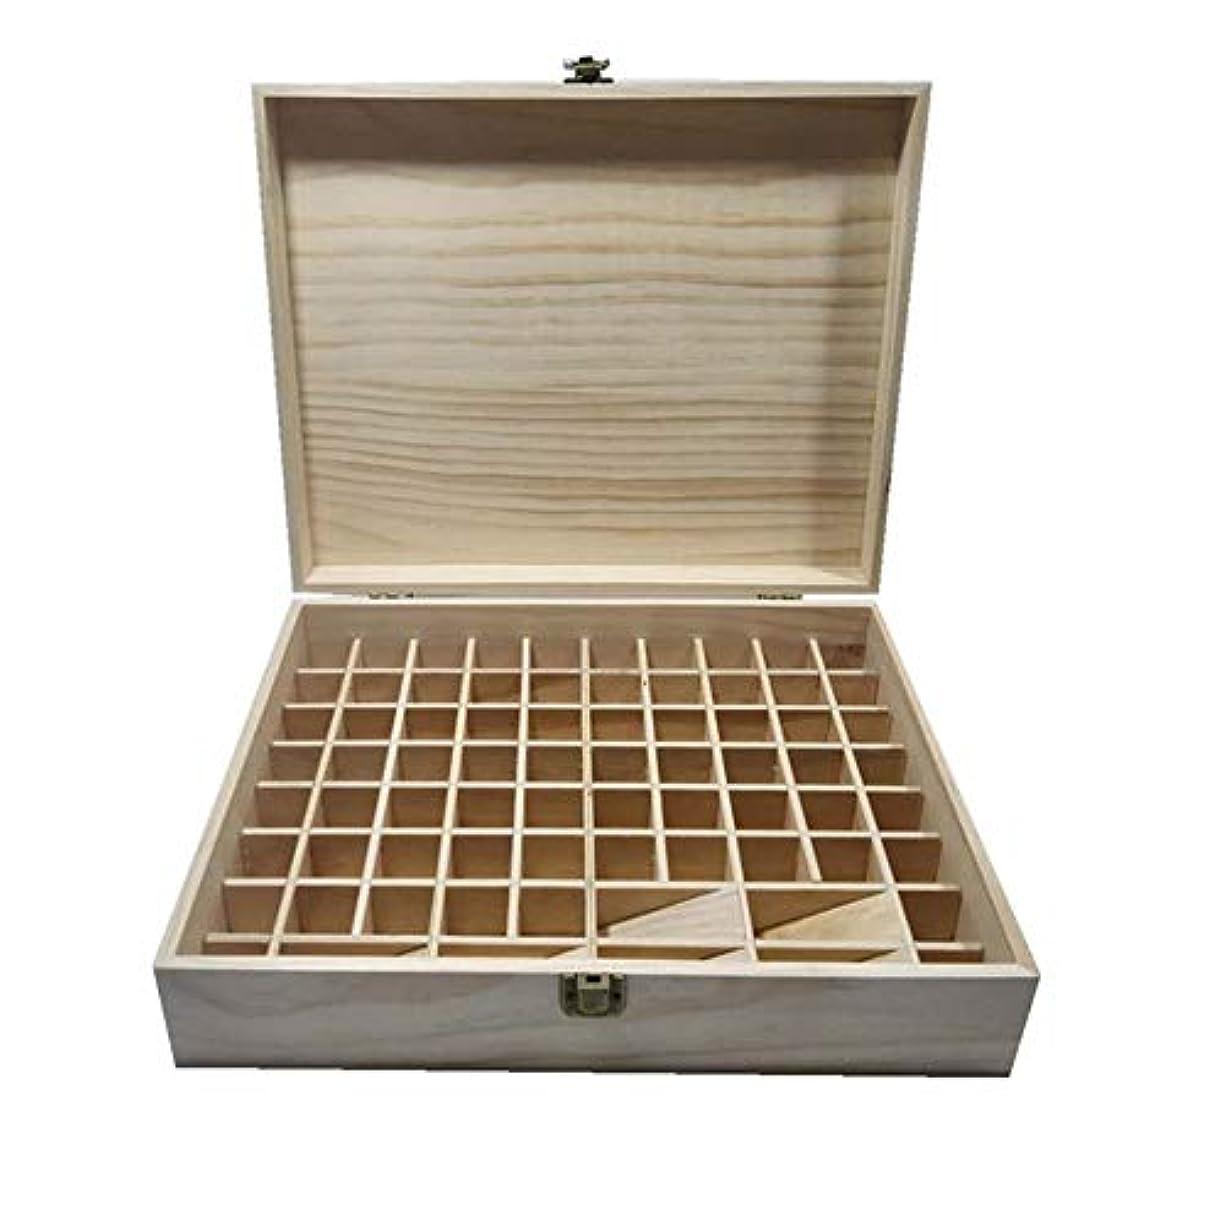 クール引き出す早めるエッセンシャルオイルの保管 74スロットエッセンシャルオイルボックス木製収納ケースは、74本のボトルエッセンシャルオイルスペースセーバーの開催します (色 : Natural, サイズ : 34X27.5X9CM)